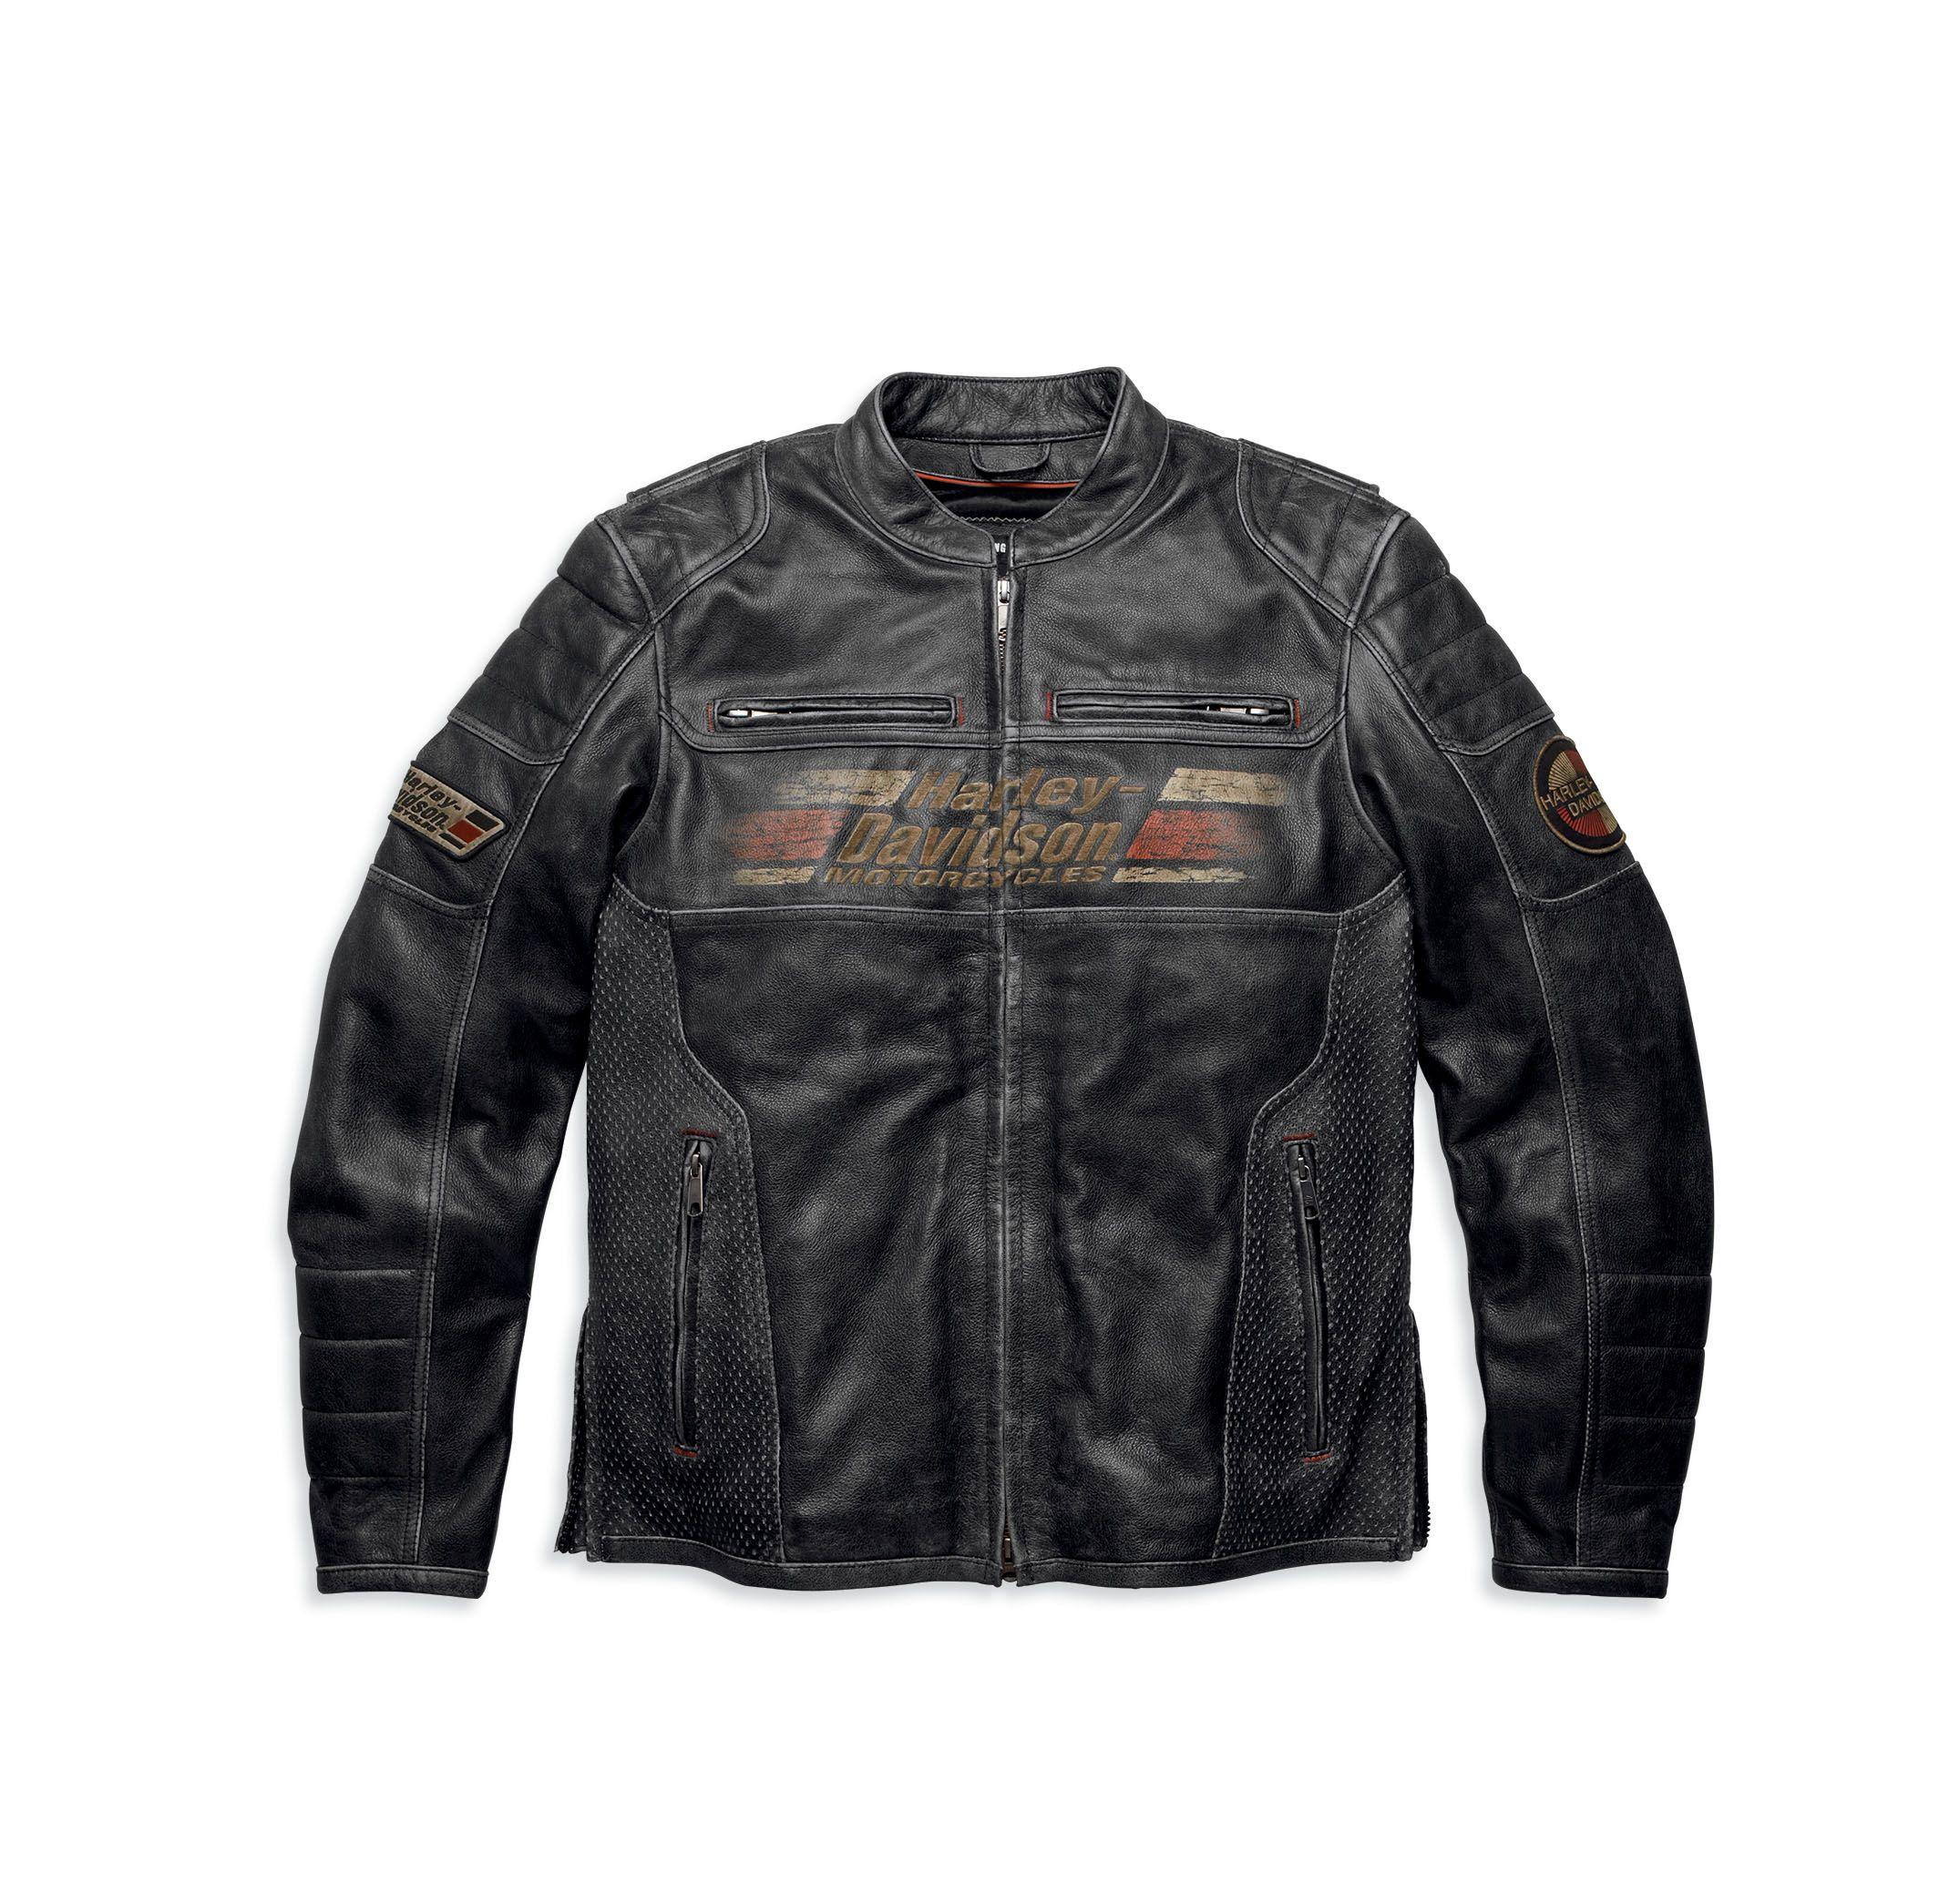 Harley Davidson Men S Astor Leather Jacket Harley Leather Jackets Distressed Leather Jacket Leather Jacket [ 2079 x 2151 Pixel ]